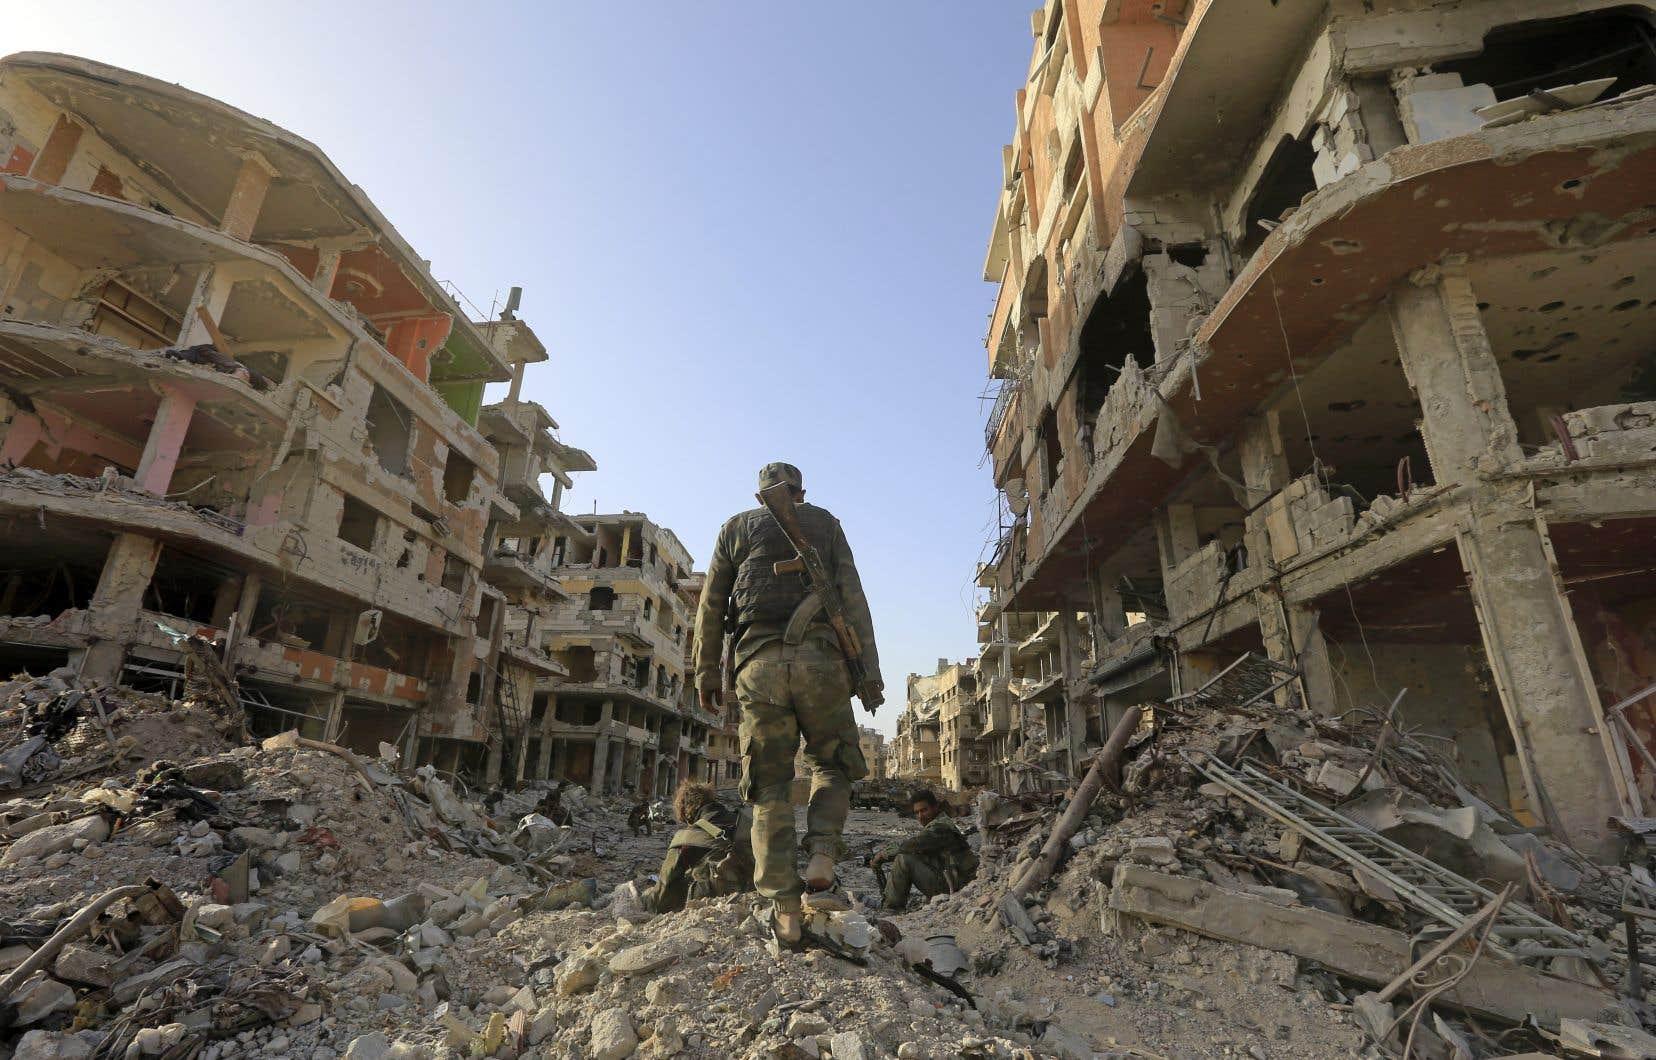 Des soldats du régime arpentaient une rue détruite à l'entrée du camp de réfugiés palestiniens de Yarmouk, en Syrie, lundi.